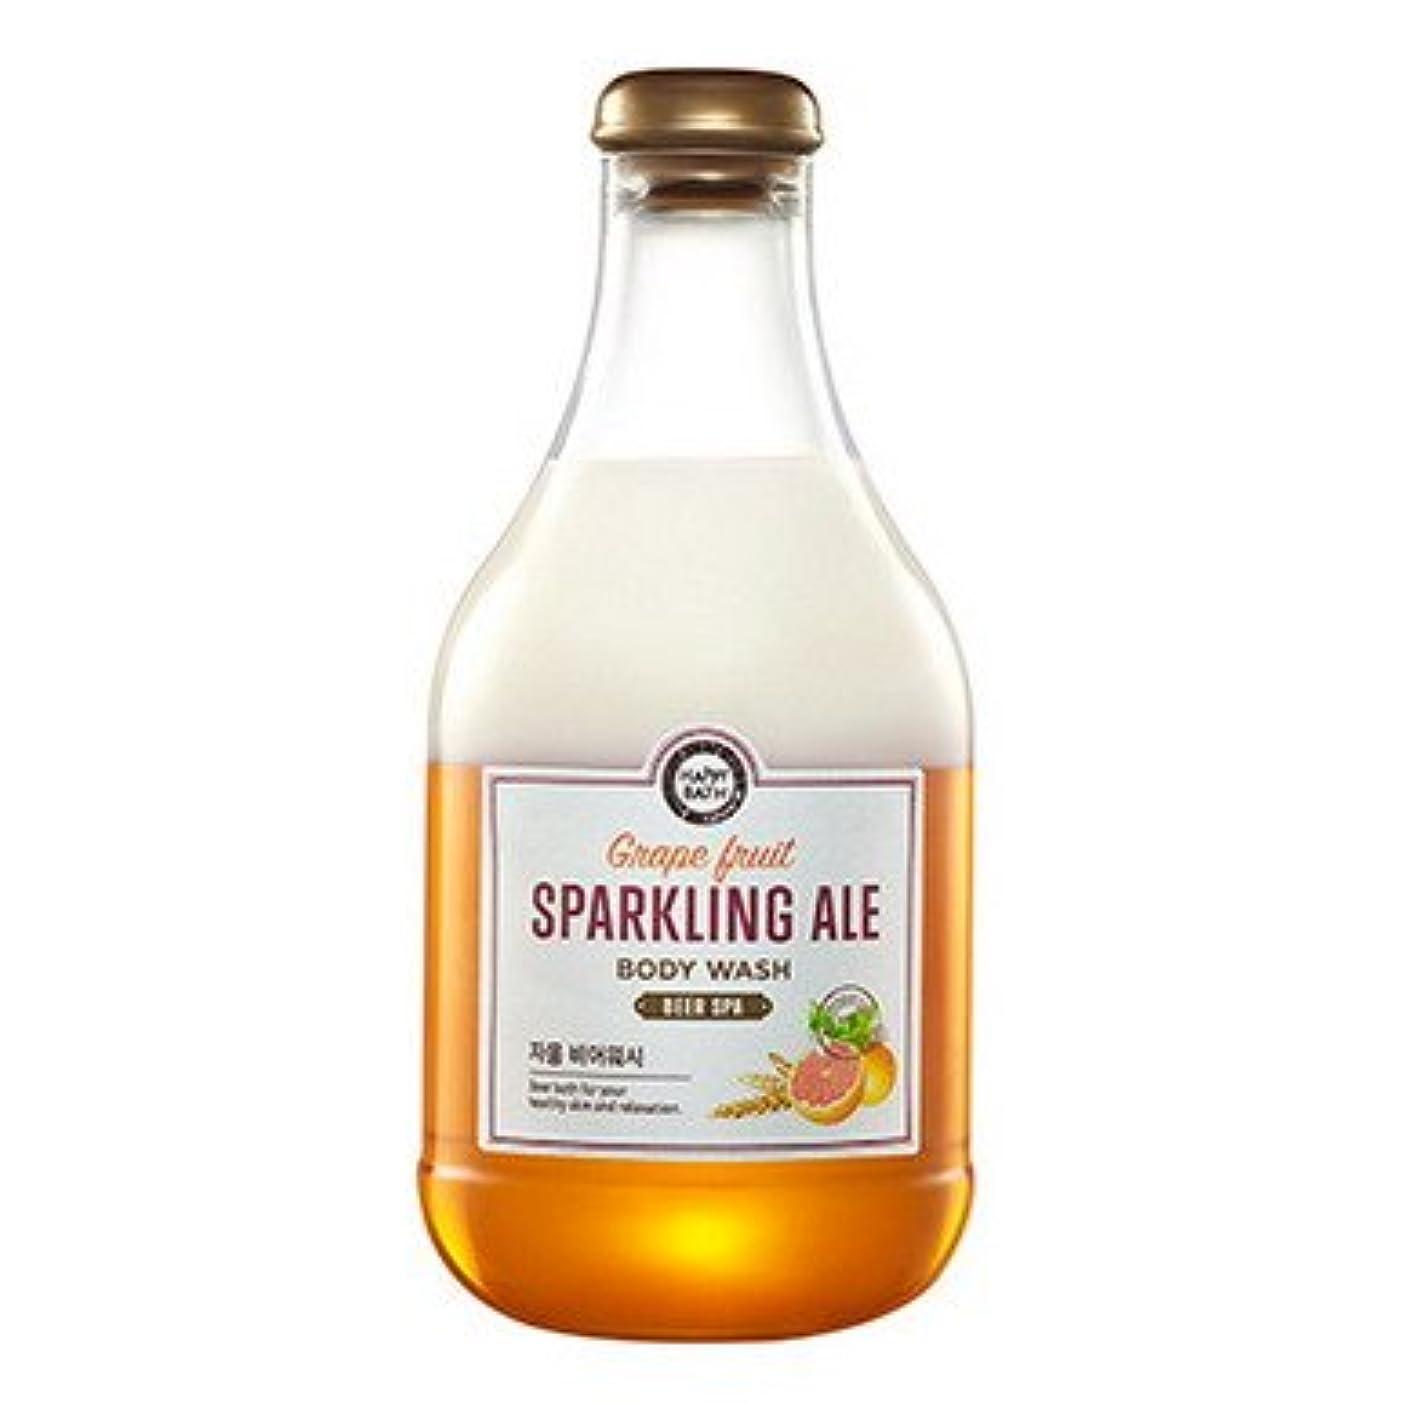 発生酔っ払いようこそ【Happy Bath】ビールスパ ボディウォッシュ 300ml (4種類選択1) (グレープフルーツビール) [並行輸入品]